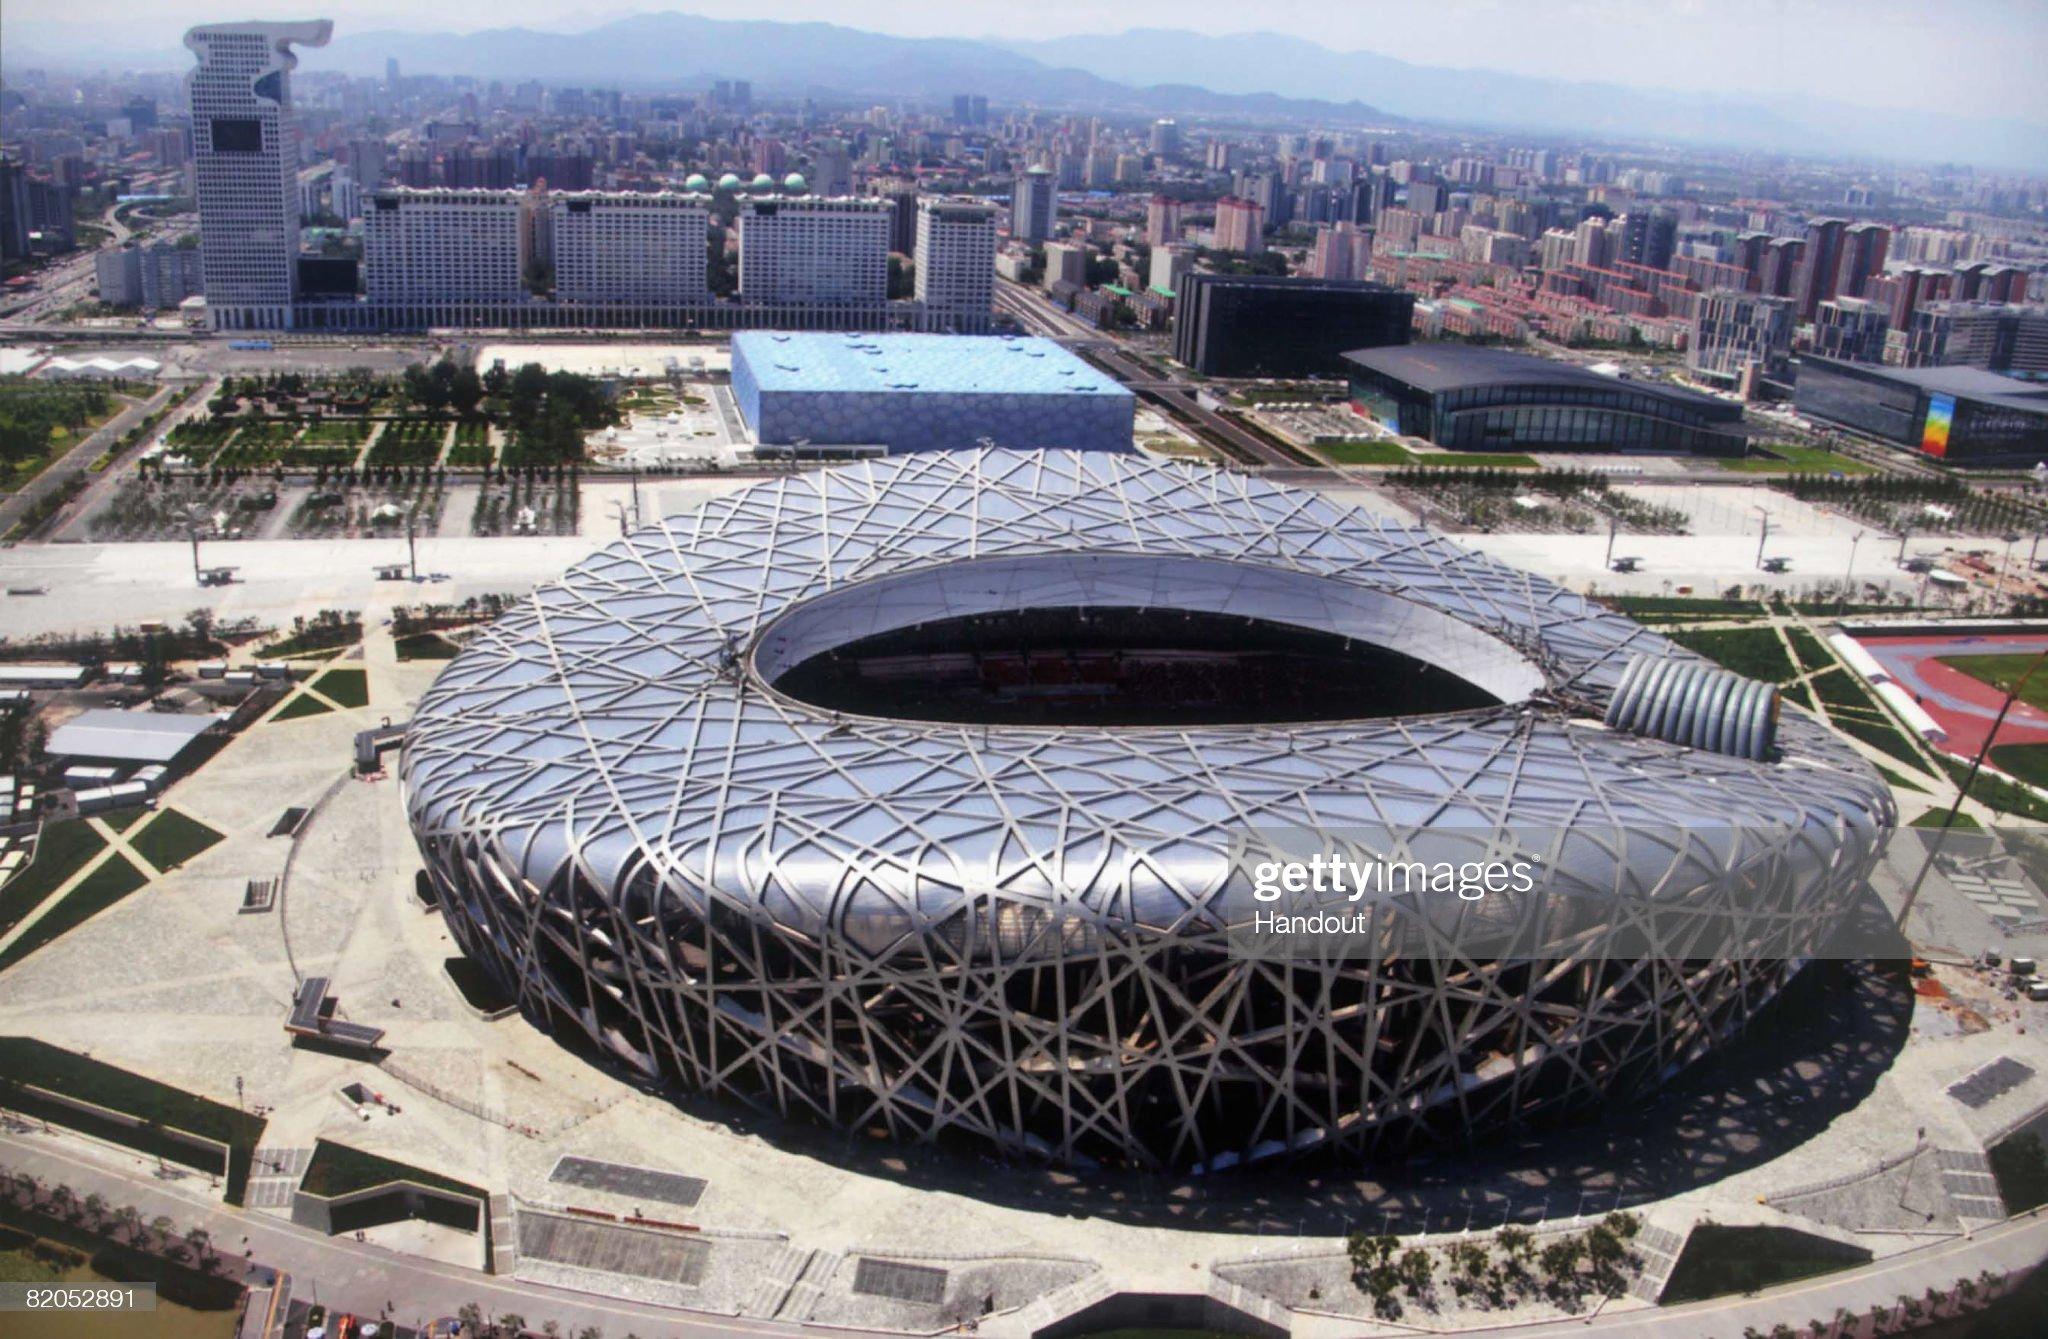 Aerial Views Of Beijing Olympic Venues : ニュース写真